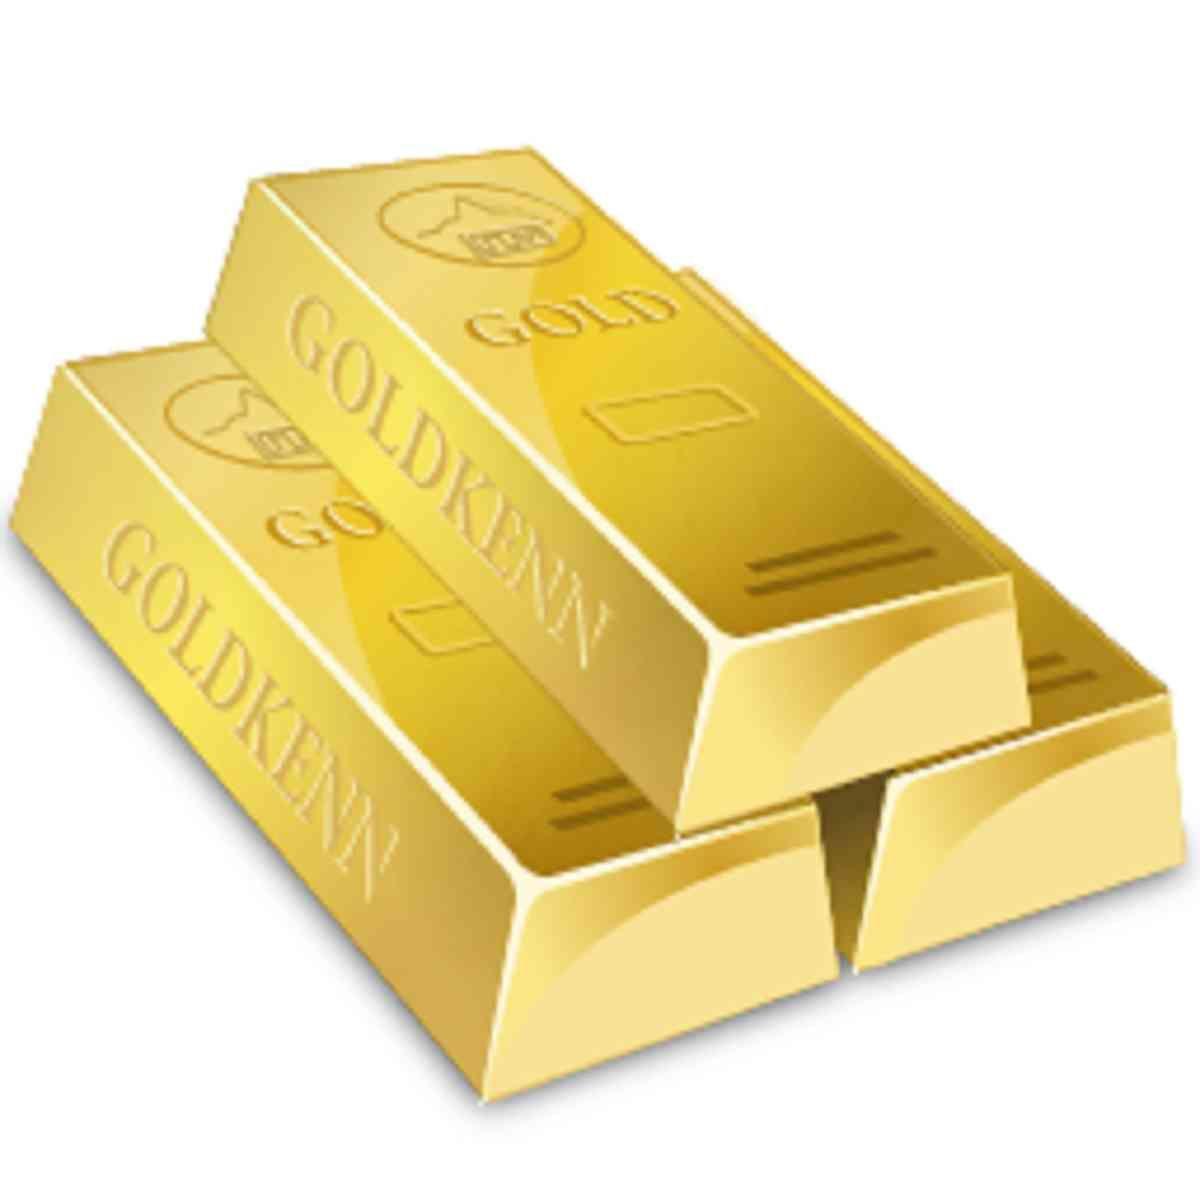 سعر الذهب اليوم فى فلسطين تحديث اسعار الذهب في فلسطين بالشيكل